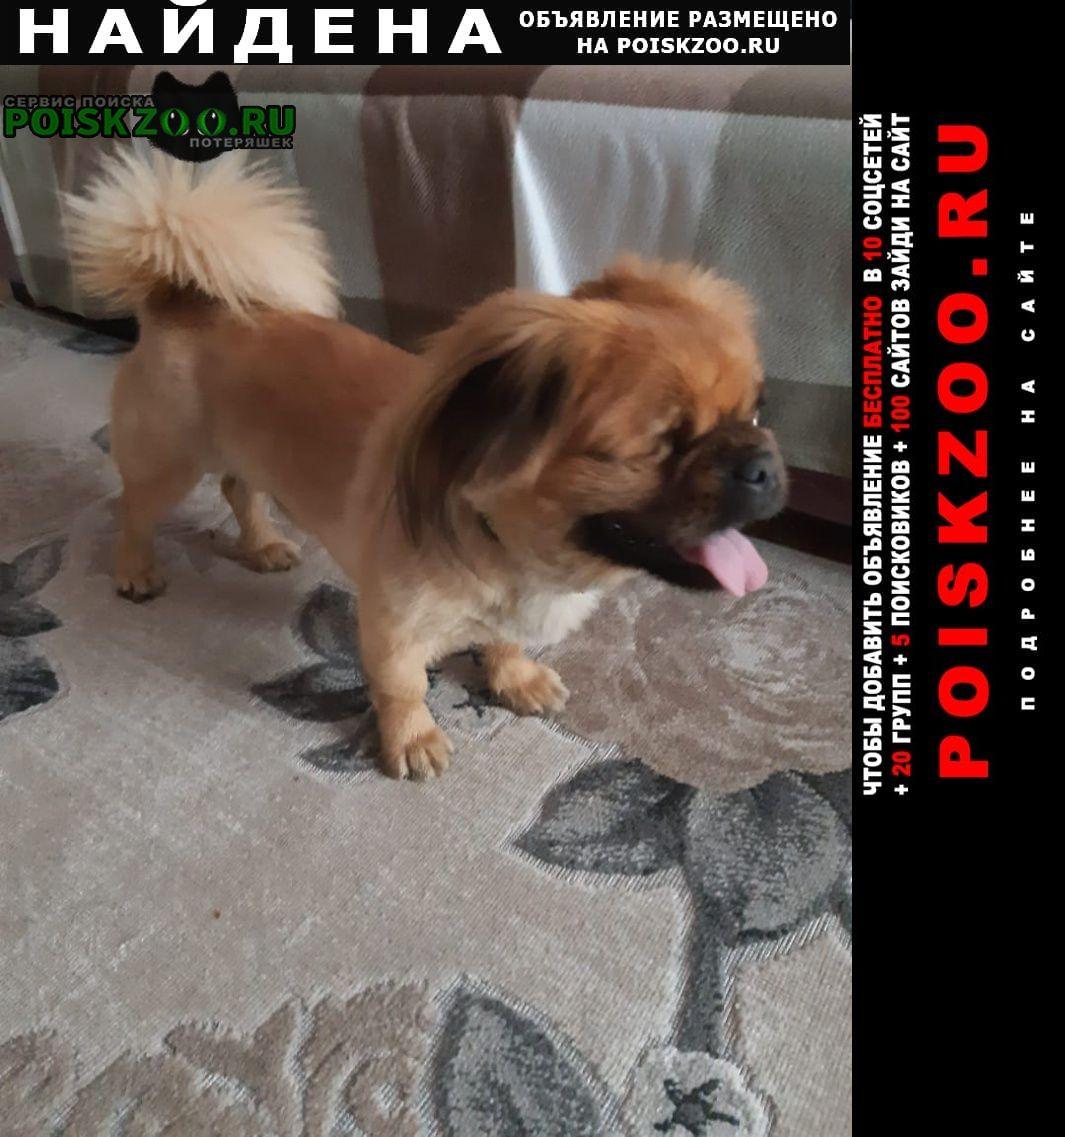 Найдена собака кобель пекинес Краснодар